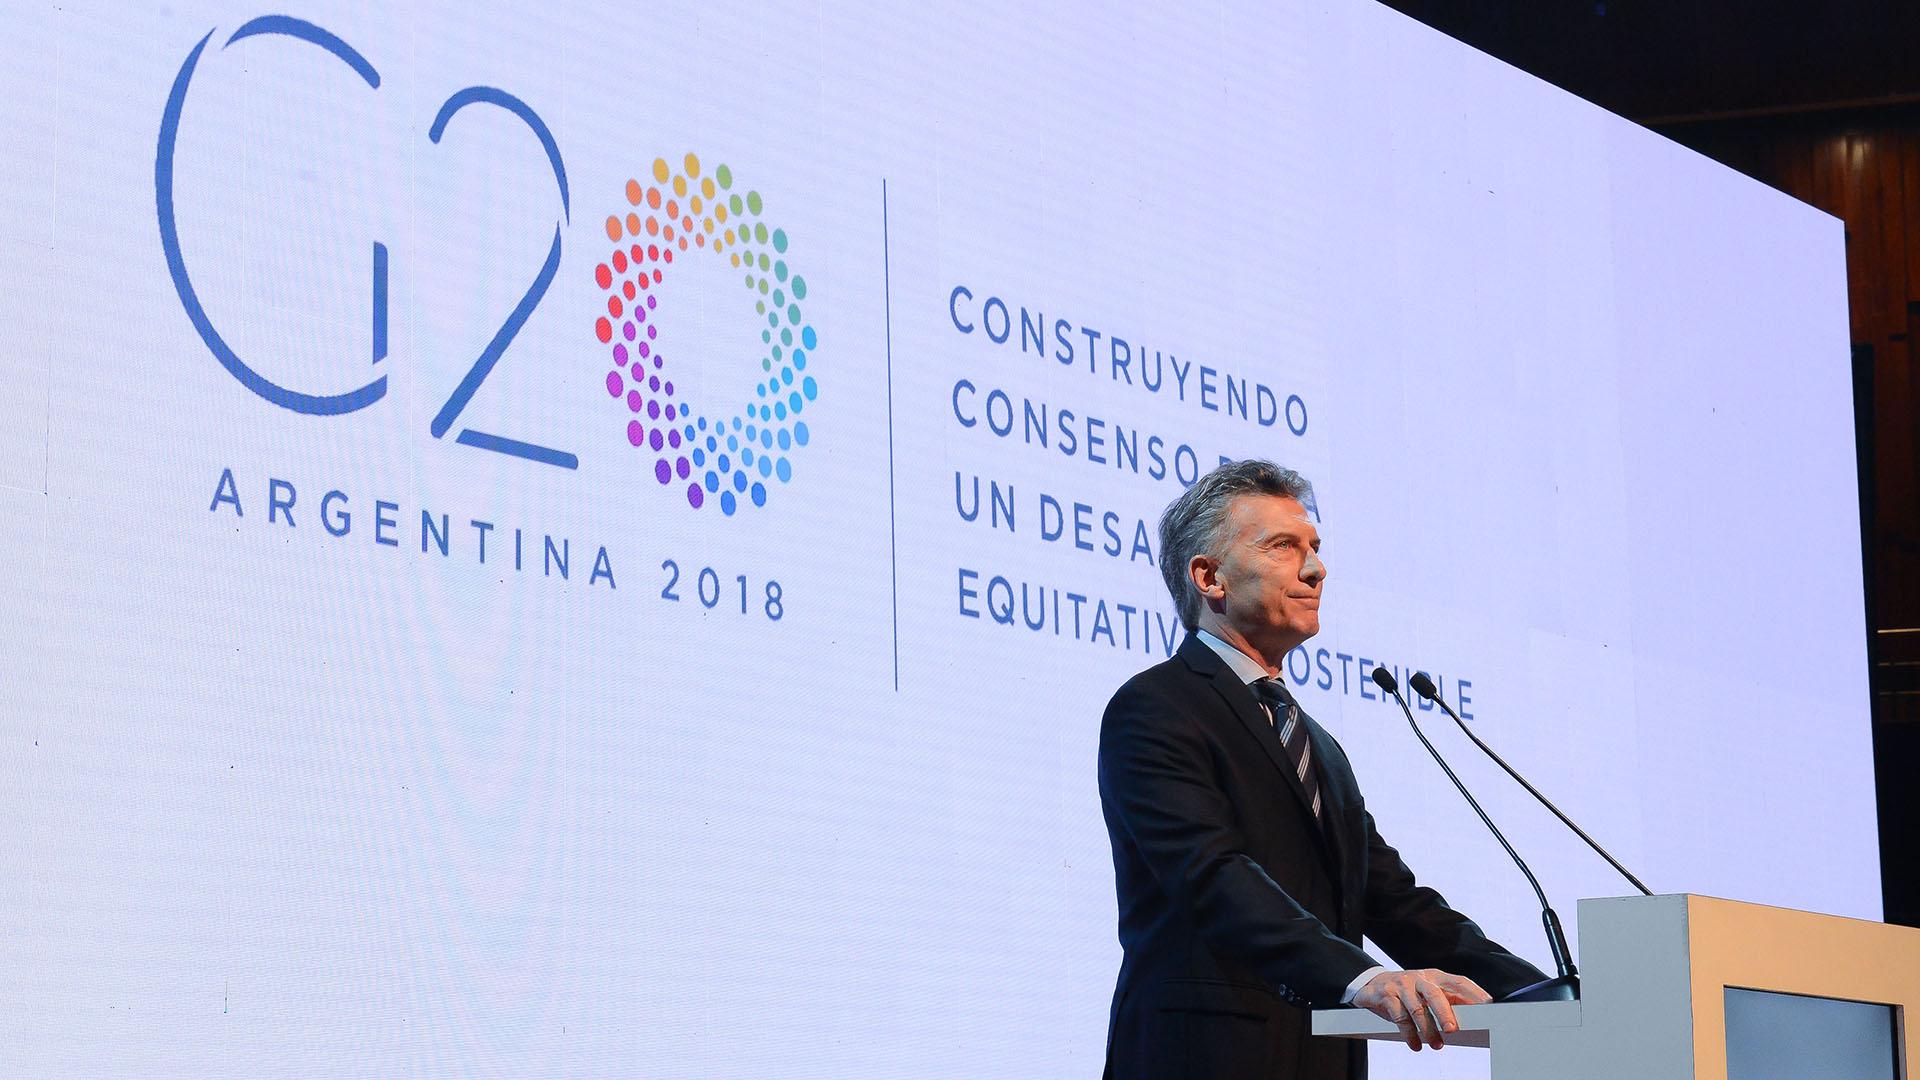 El presidente Mauricio Macri, durante la presentación del G20 en Argentina